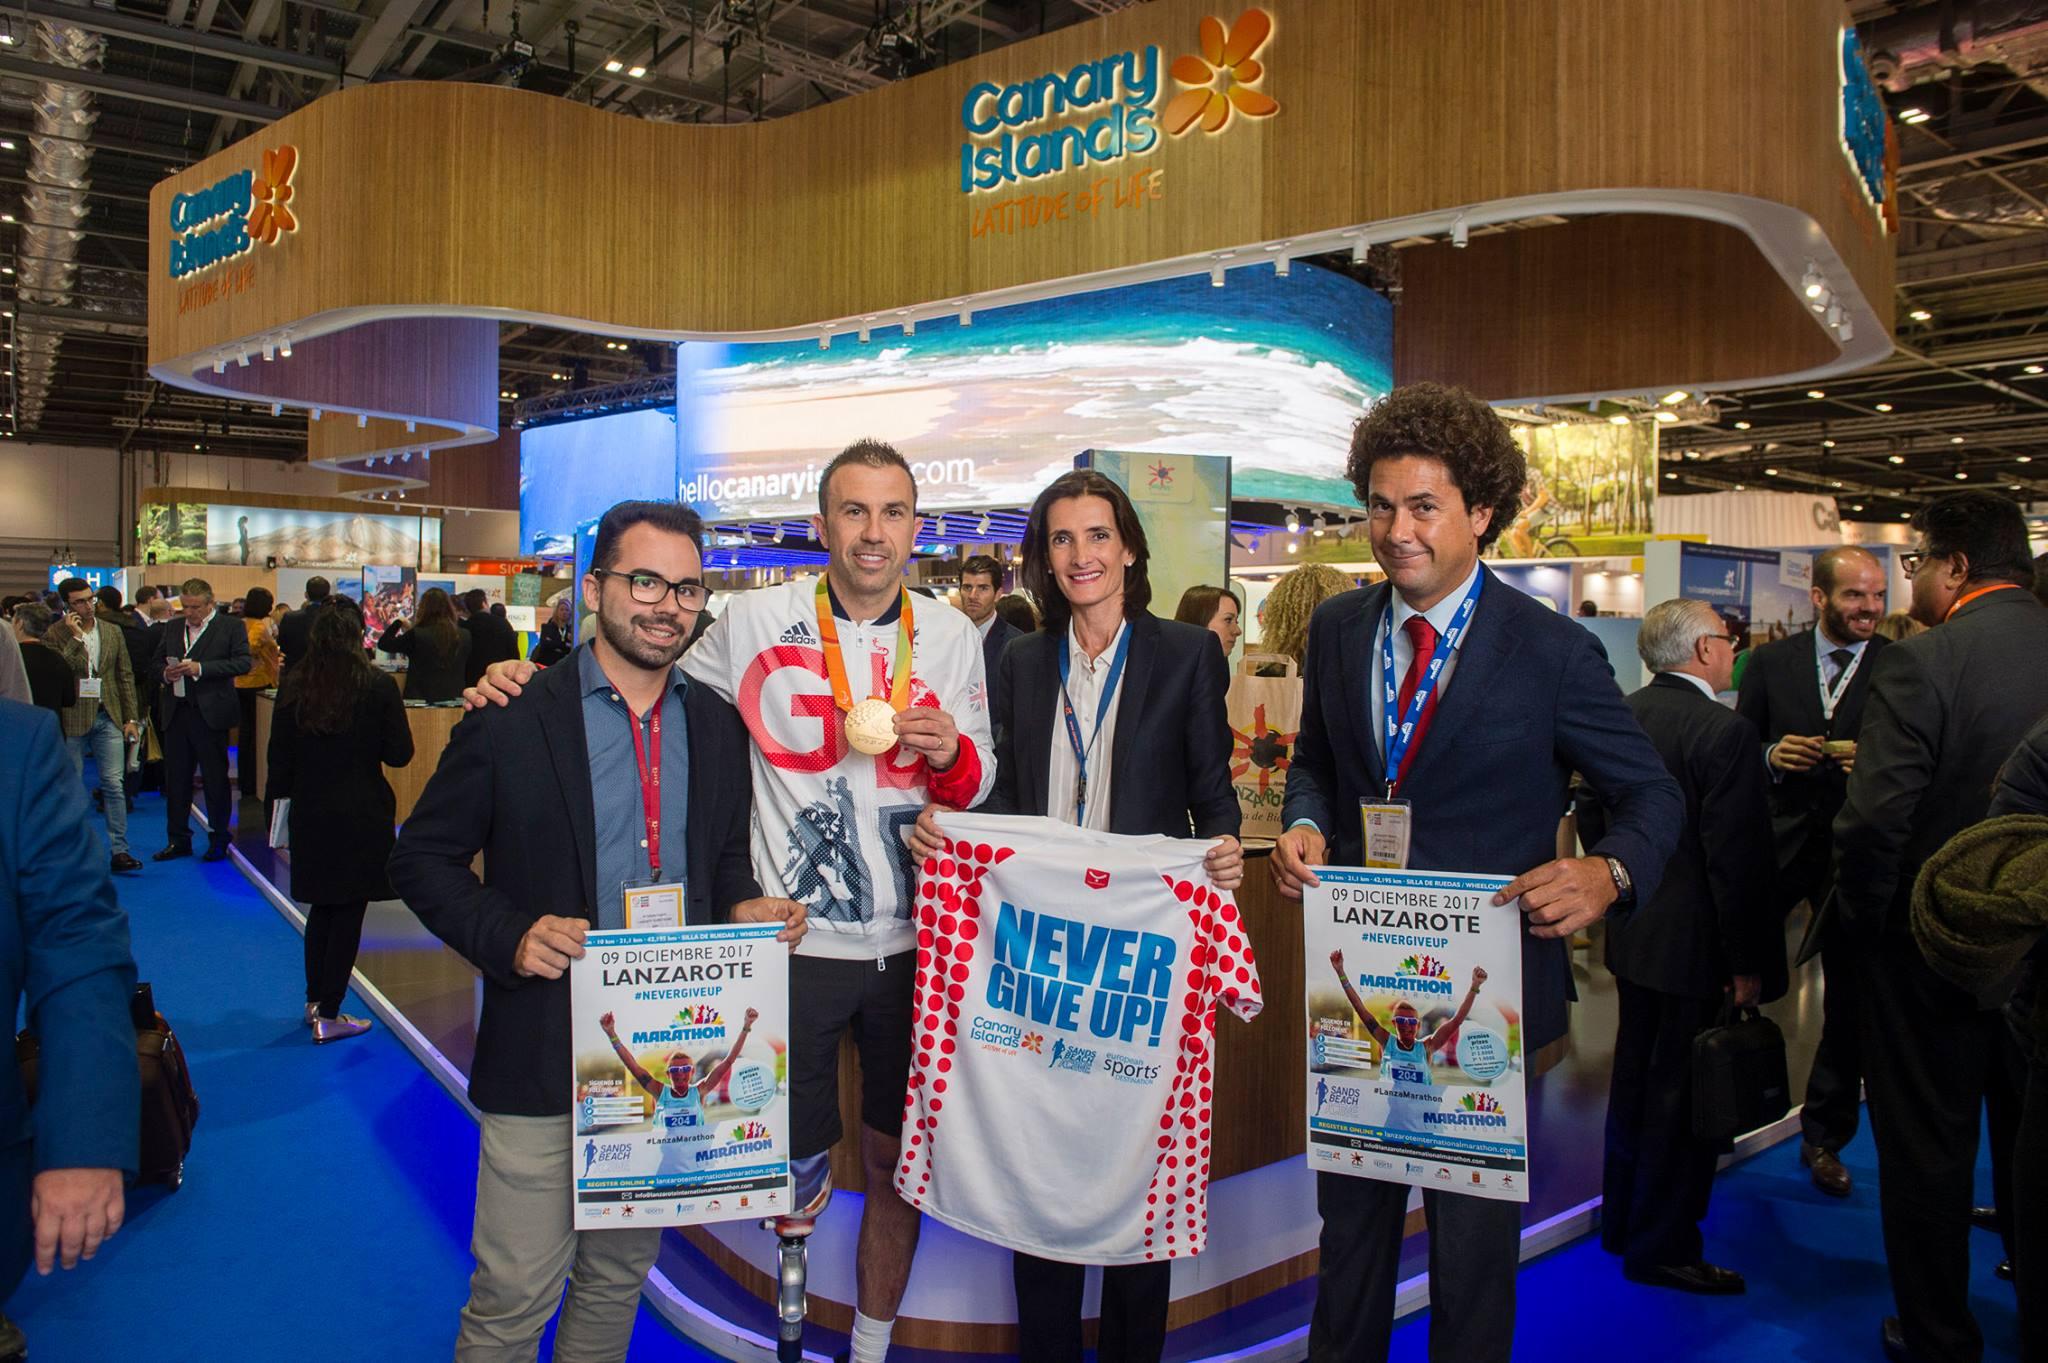 Se presentó junto con el medallista de Oro en los Juegos Paralímpicos de Río, Andy Lewis, el cartel de la Maratón Internacional de Lanzarote 2017, con salida en Costa Teguise.